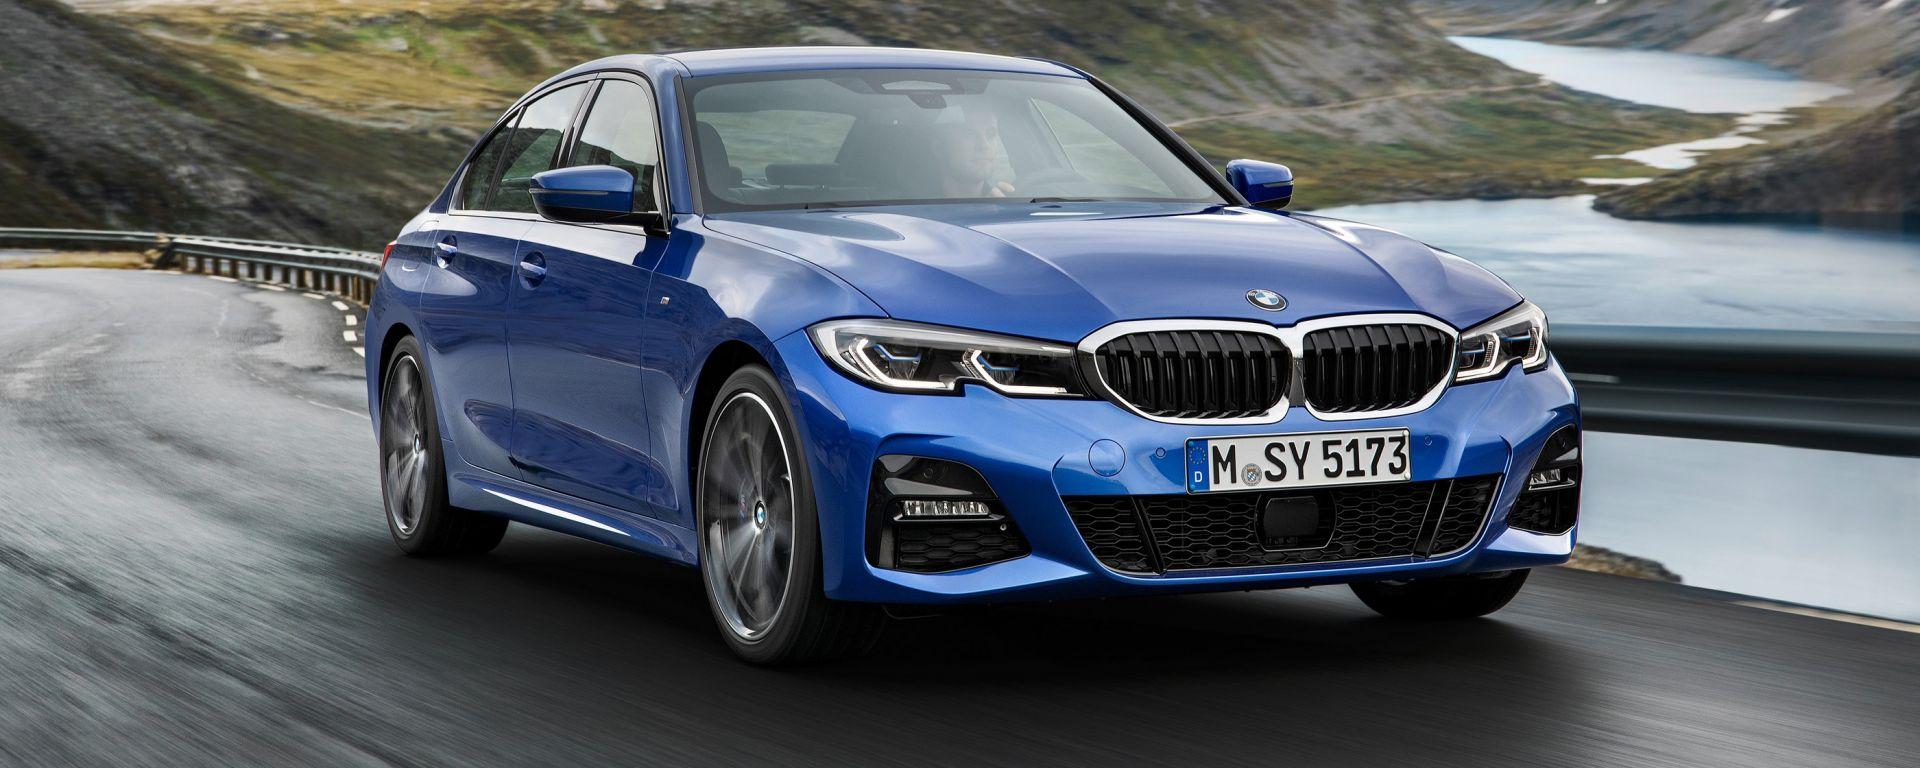 BMW Serie 3 320d Msport: la prova su strada